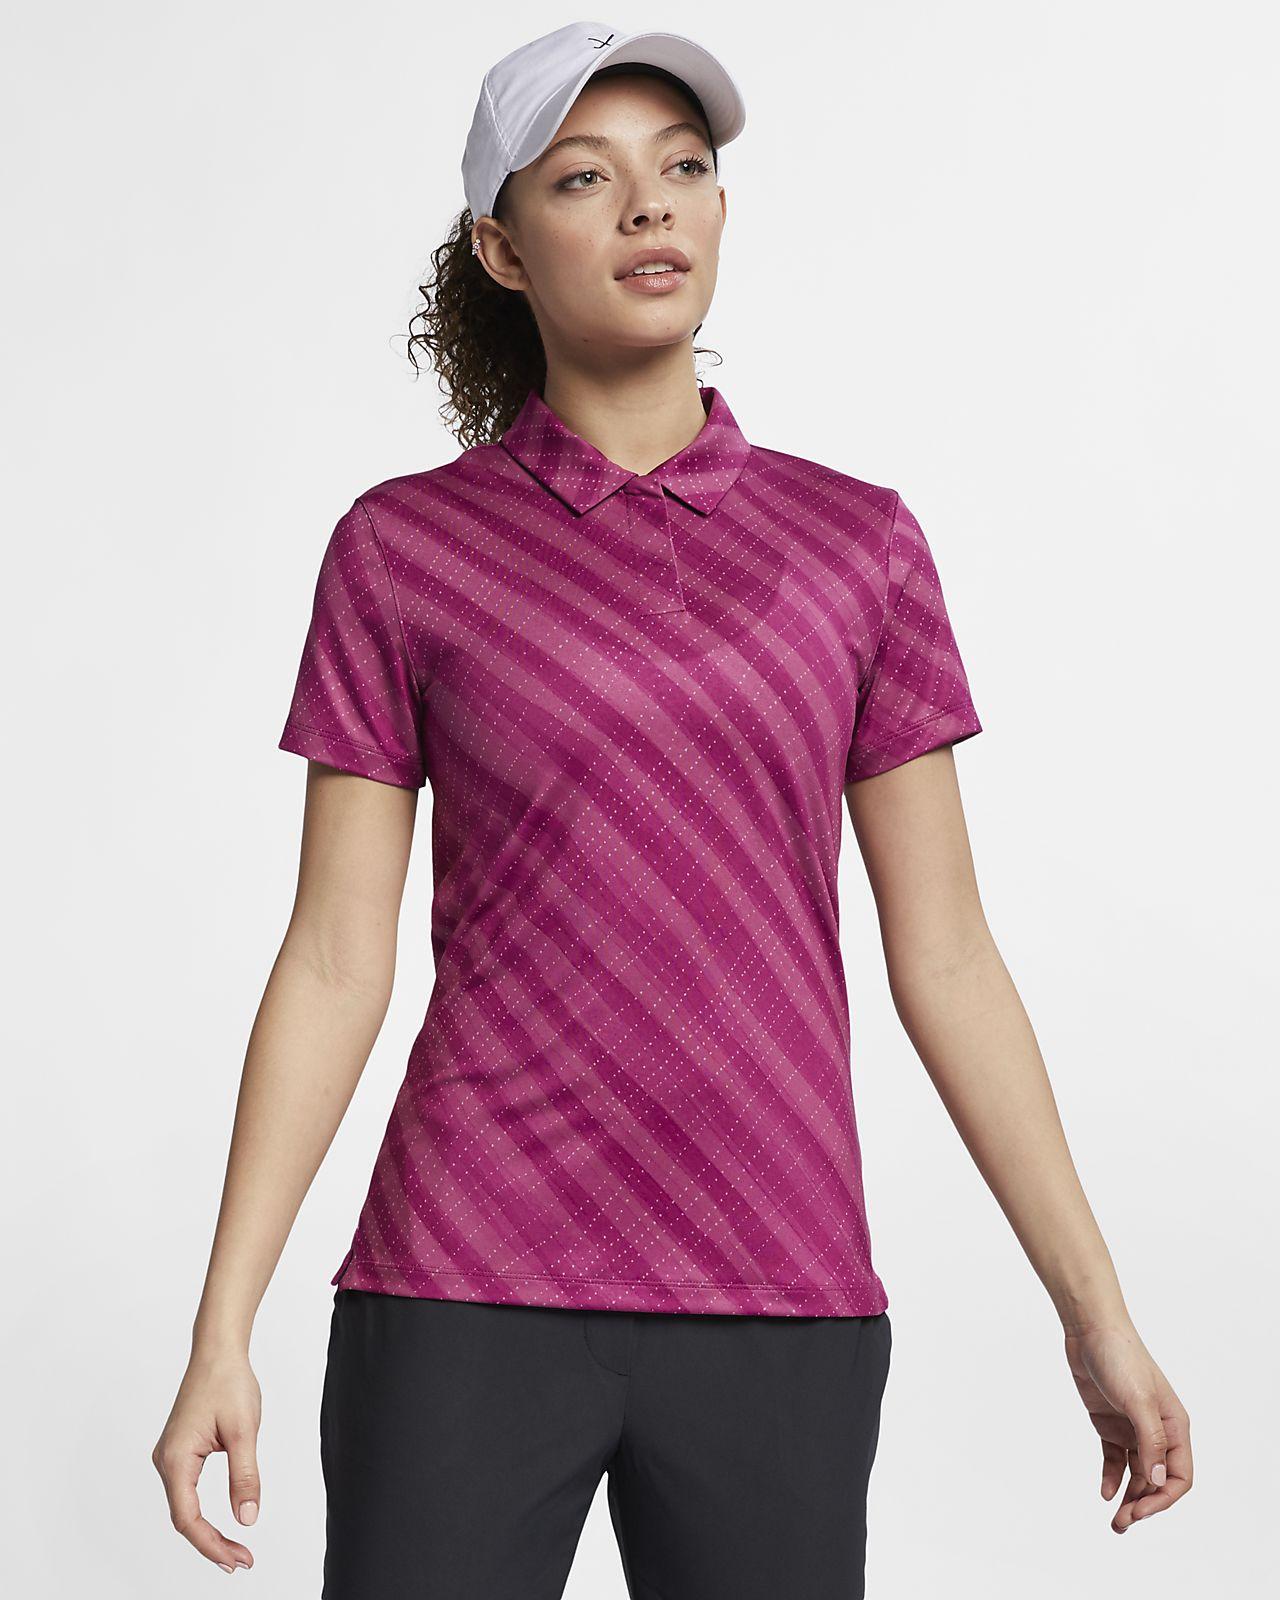 f7854ed4 Nike Dri-FIT UV Women's Printed Golf Polo. Nike.com GB